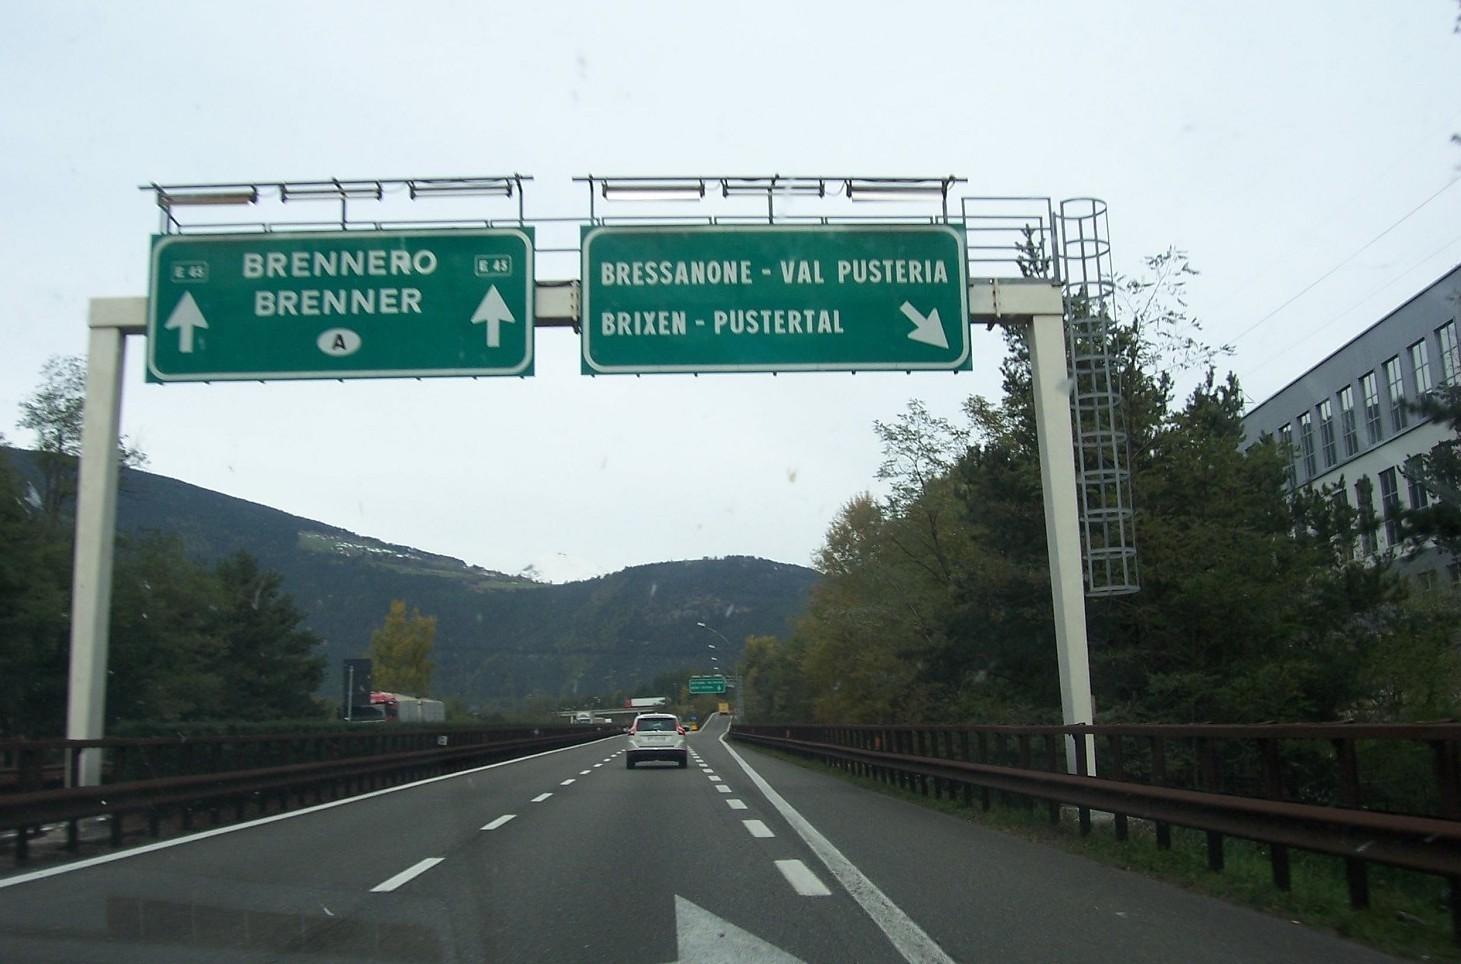 Viaggiare su autostrade austriache, costi e pedaggi. Come funziona la vignetta